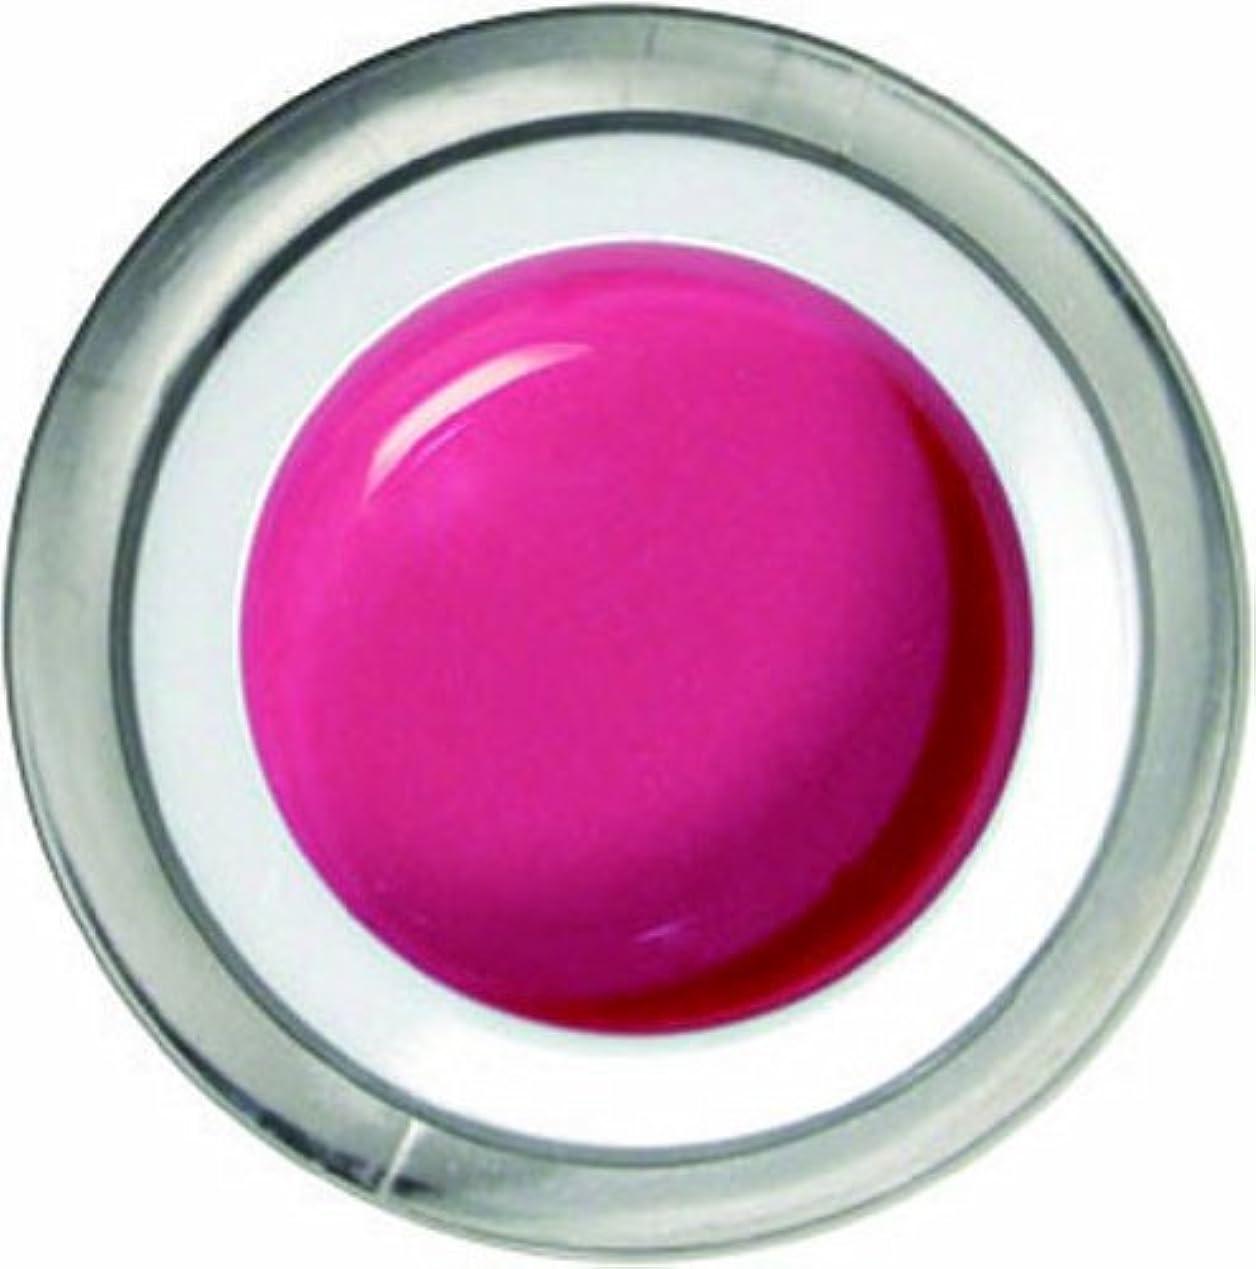 ソブリケットボーナス粘土メロディコ メロディコジェル #08プリンセスピンク